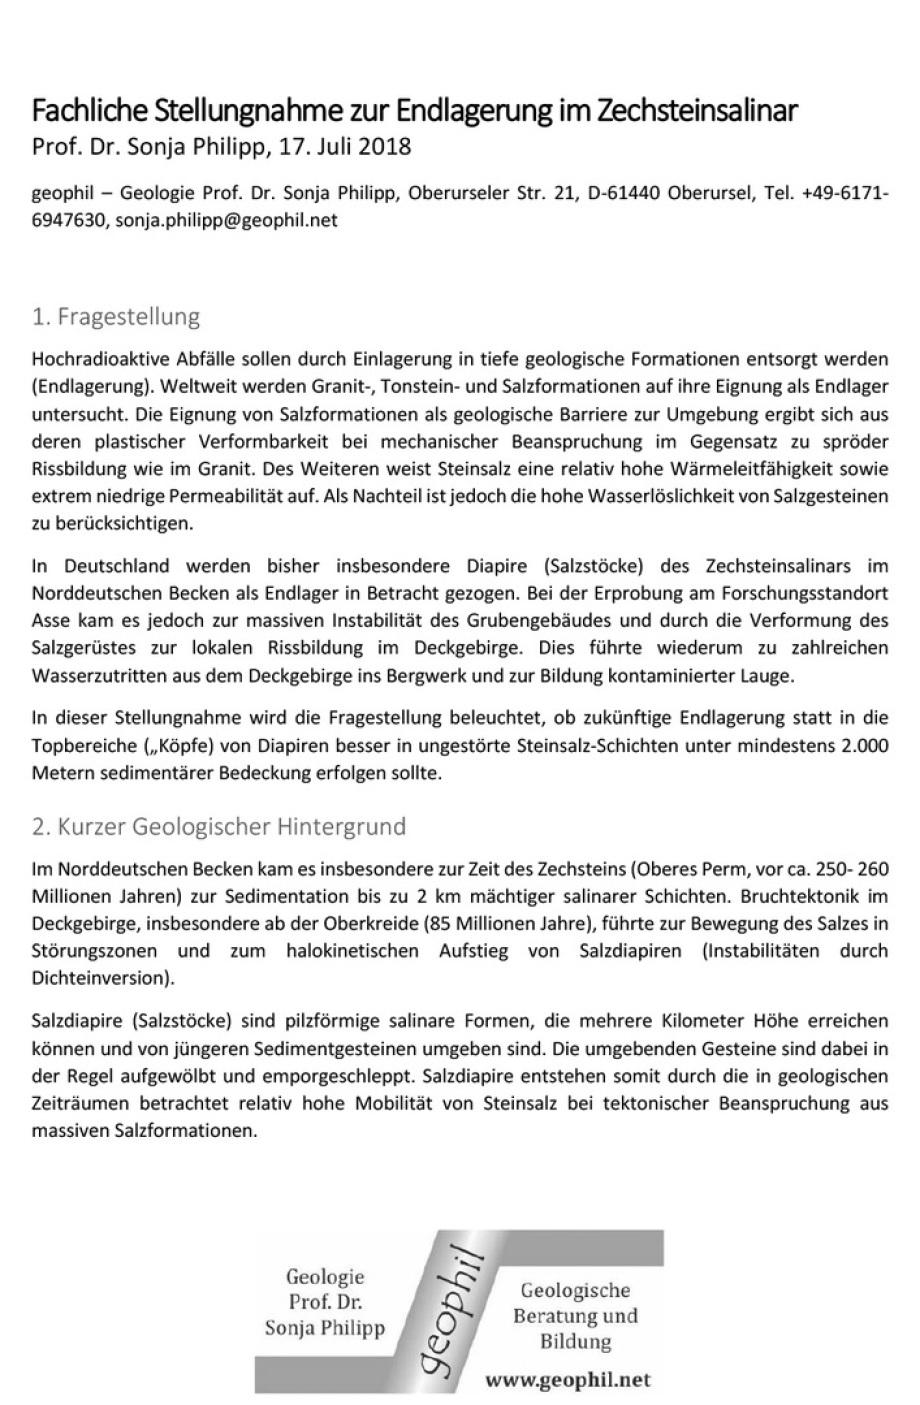 01_Stellungsnahme-Zechstein_Endlagerung_Steinsalz_Diapier_vs_Schicht_Verfasser_Prof_Dr_Sonja_Philipp_DBHD_ART-TEL_ING_Volker_Goebe